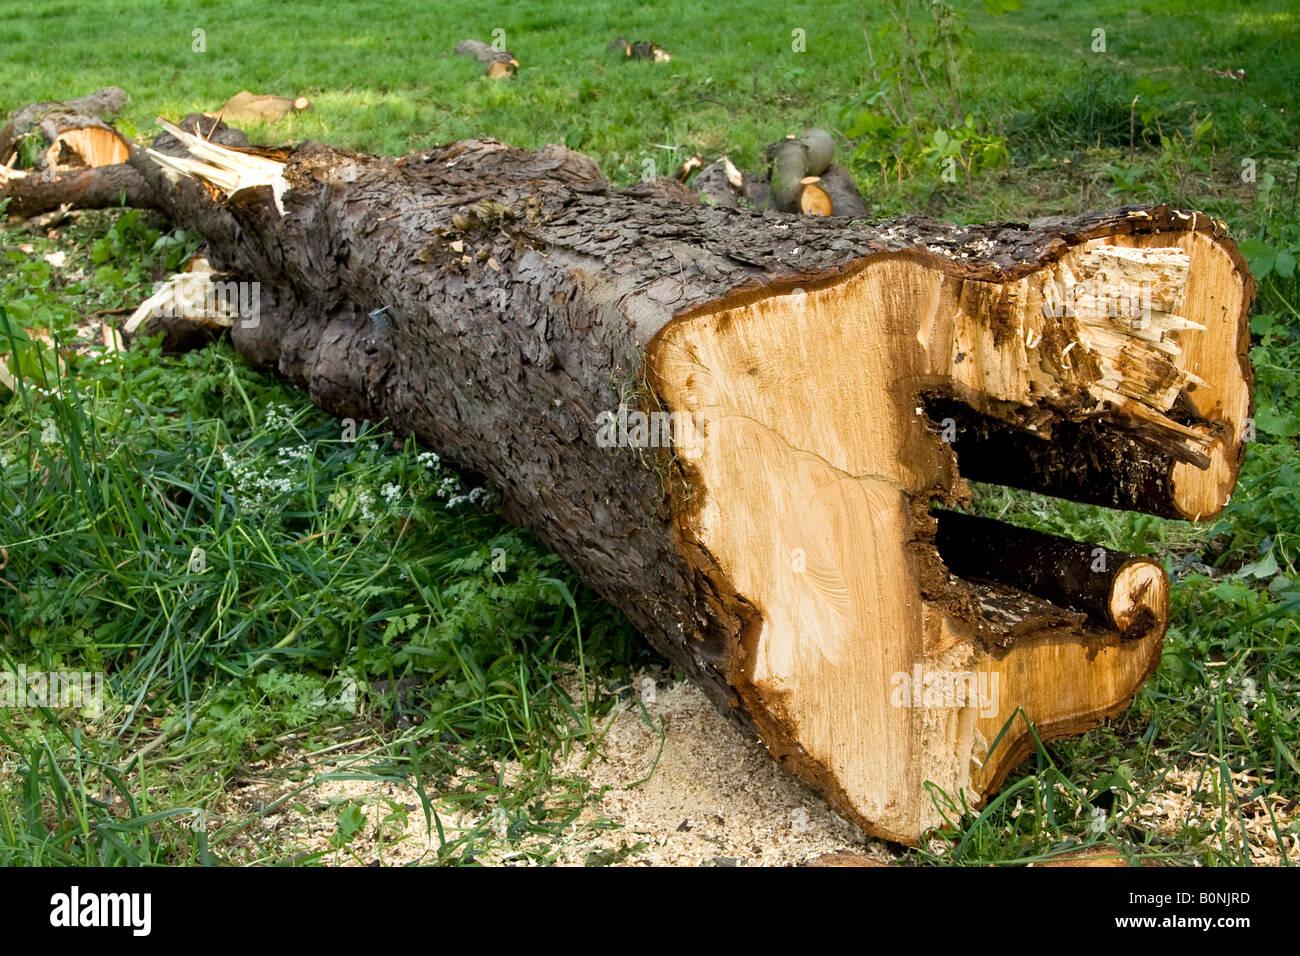 Diseased horse chestnut tree wood (Aesculus hippocastranum), Essex, UK. - Stock Image